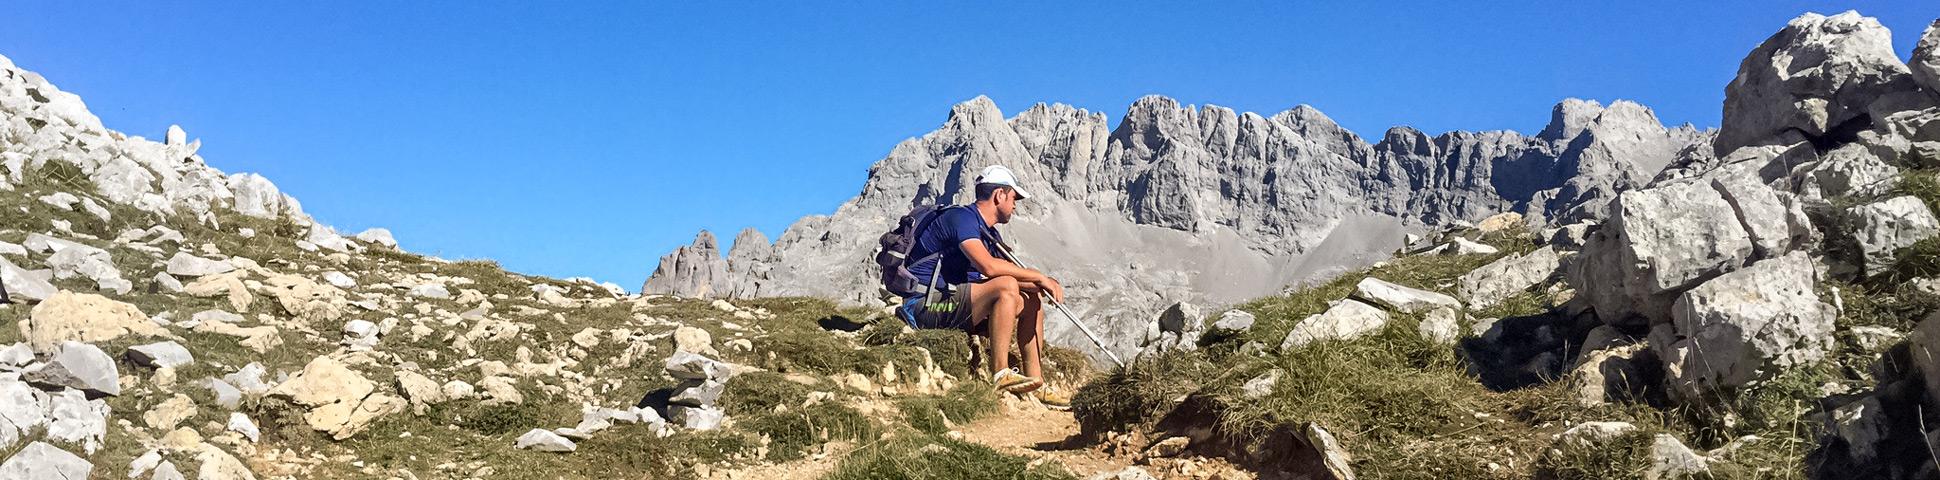 8-day Picos de Europa Mountain Trek